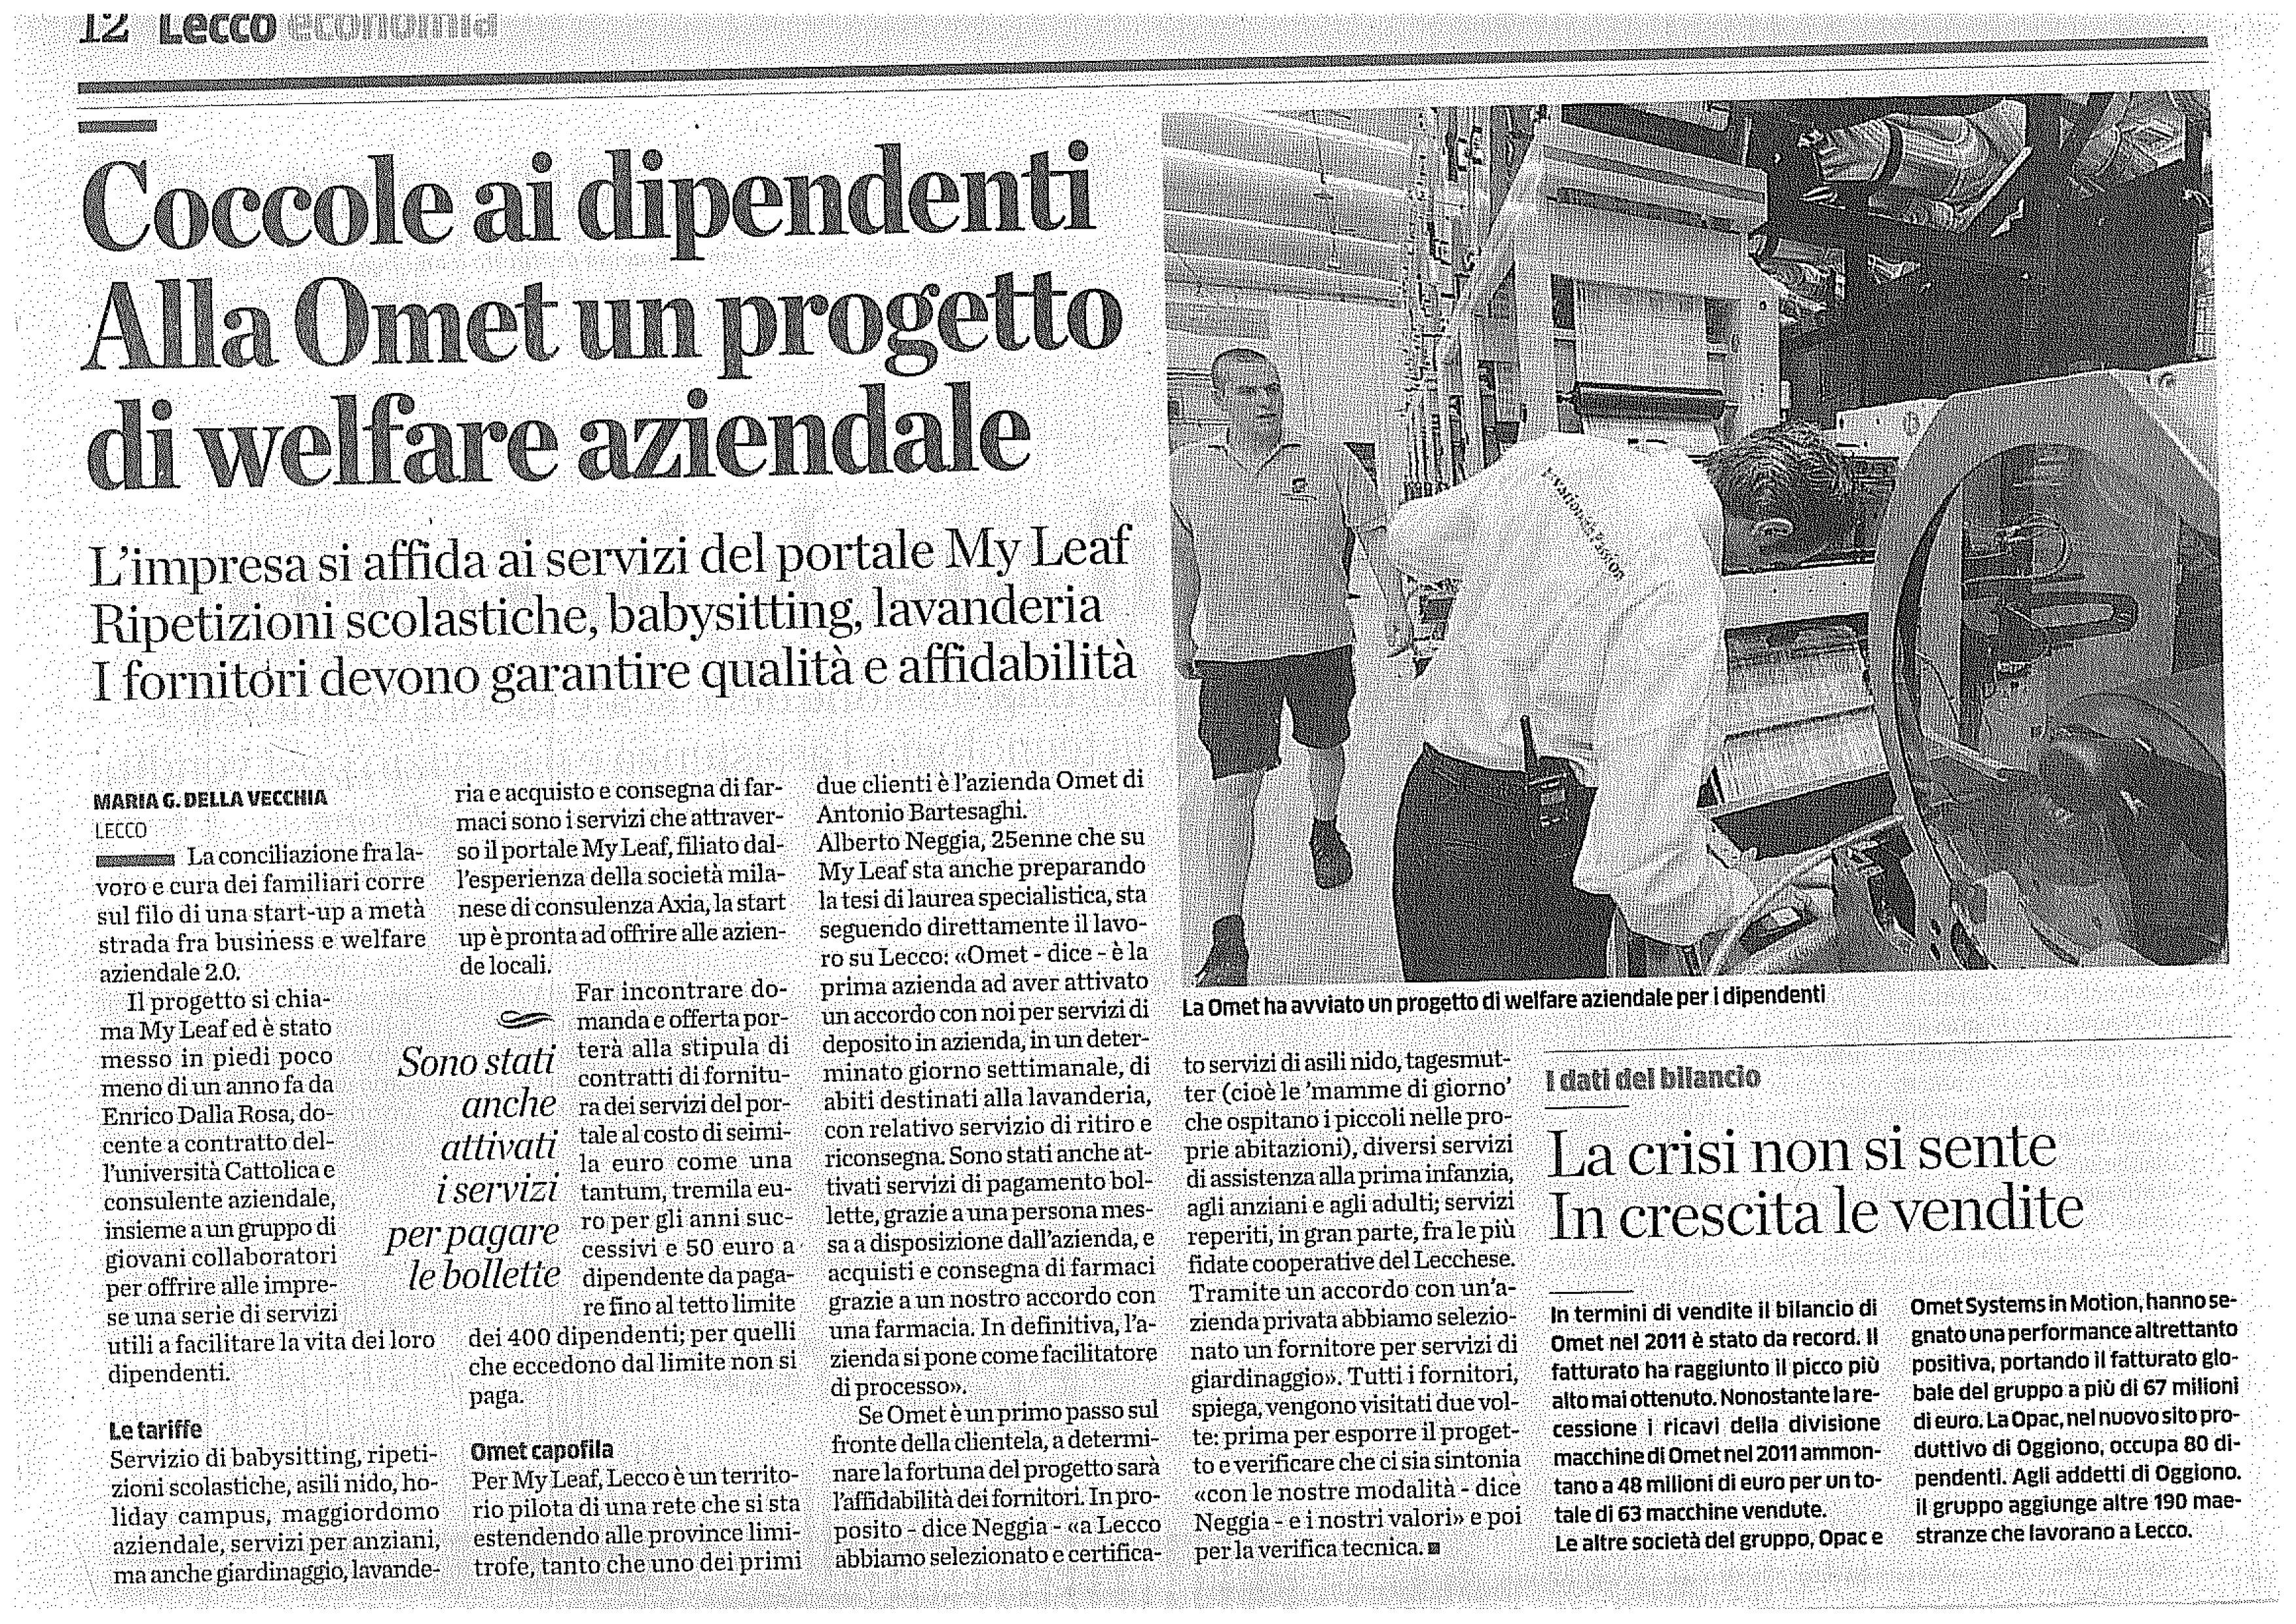 2012 12 16 Provincia di Lecco